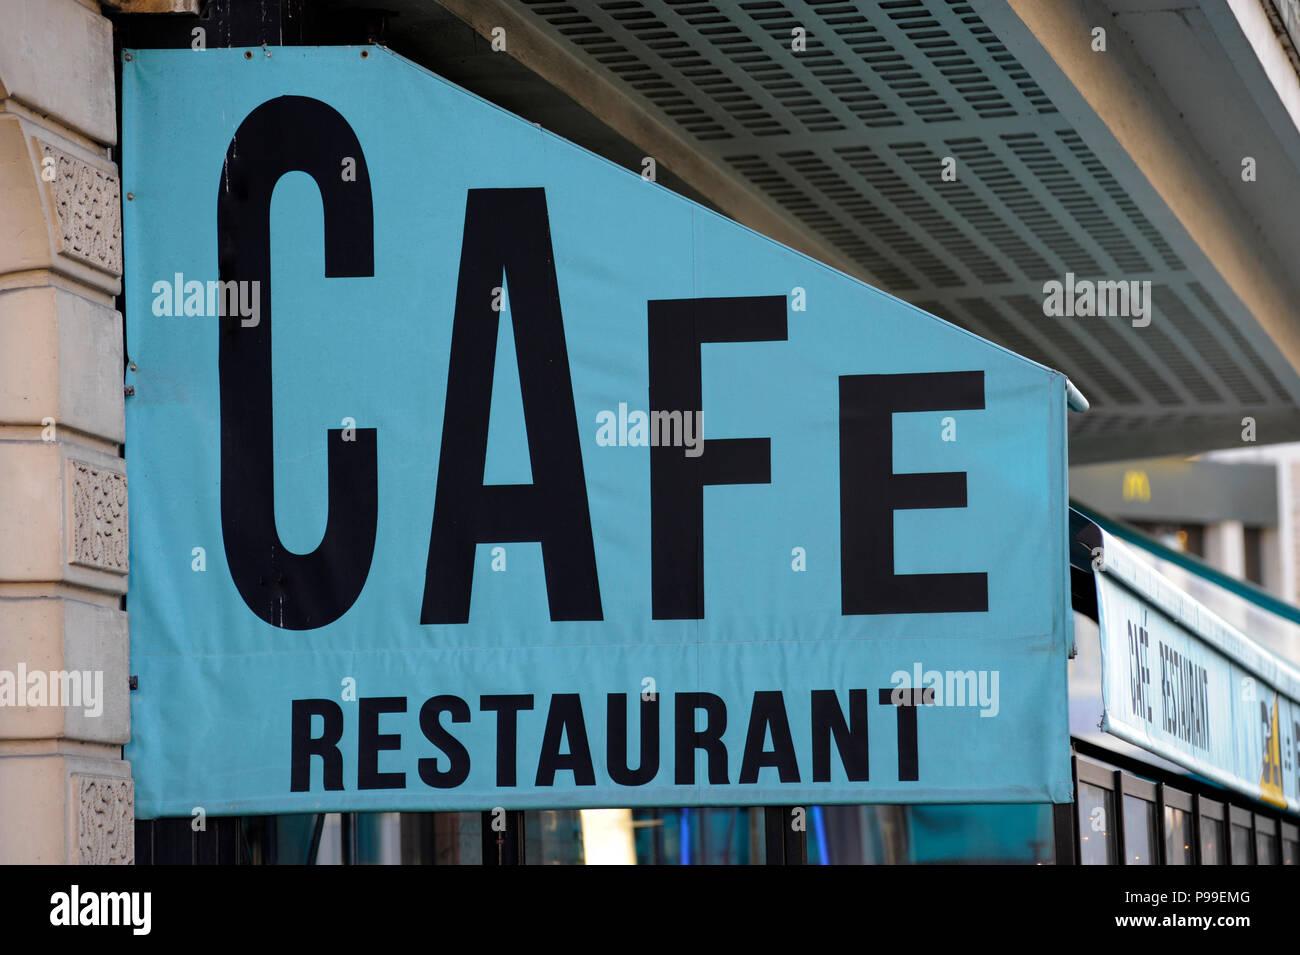 PARIS FRANCE - CAFE RESTAURANT SIGN - PARIS CAFE - PARIS RESTAURANT - FRENCH FOOD - RESTAURANT AND CAFE FRANCE © Frédéric BEAUMONT - Stock Image